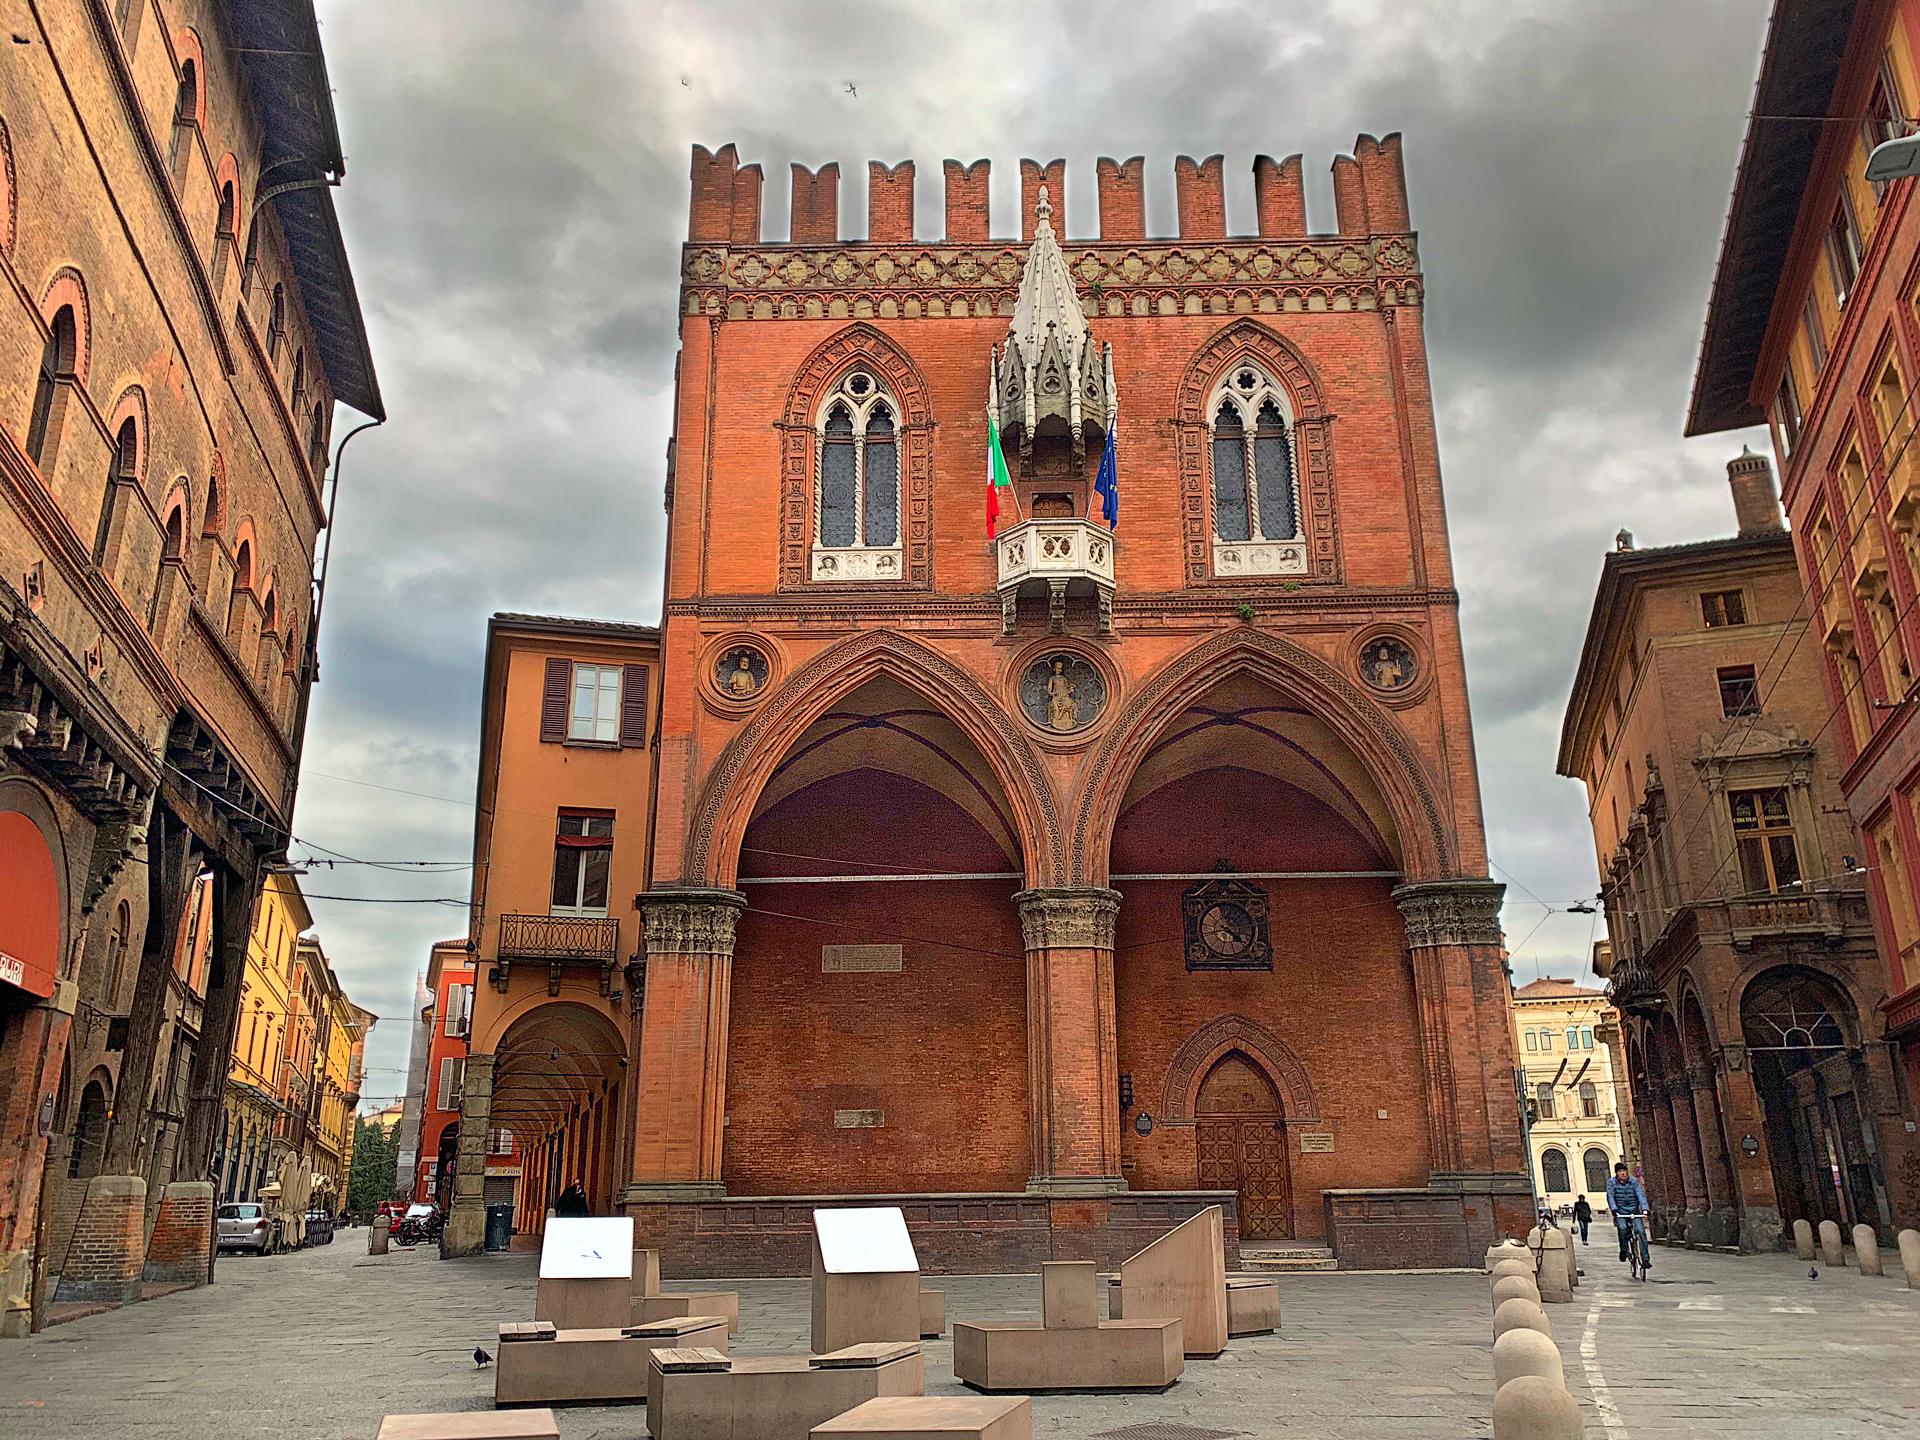 Piazza della Mercanzia, Italy